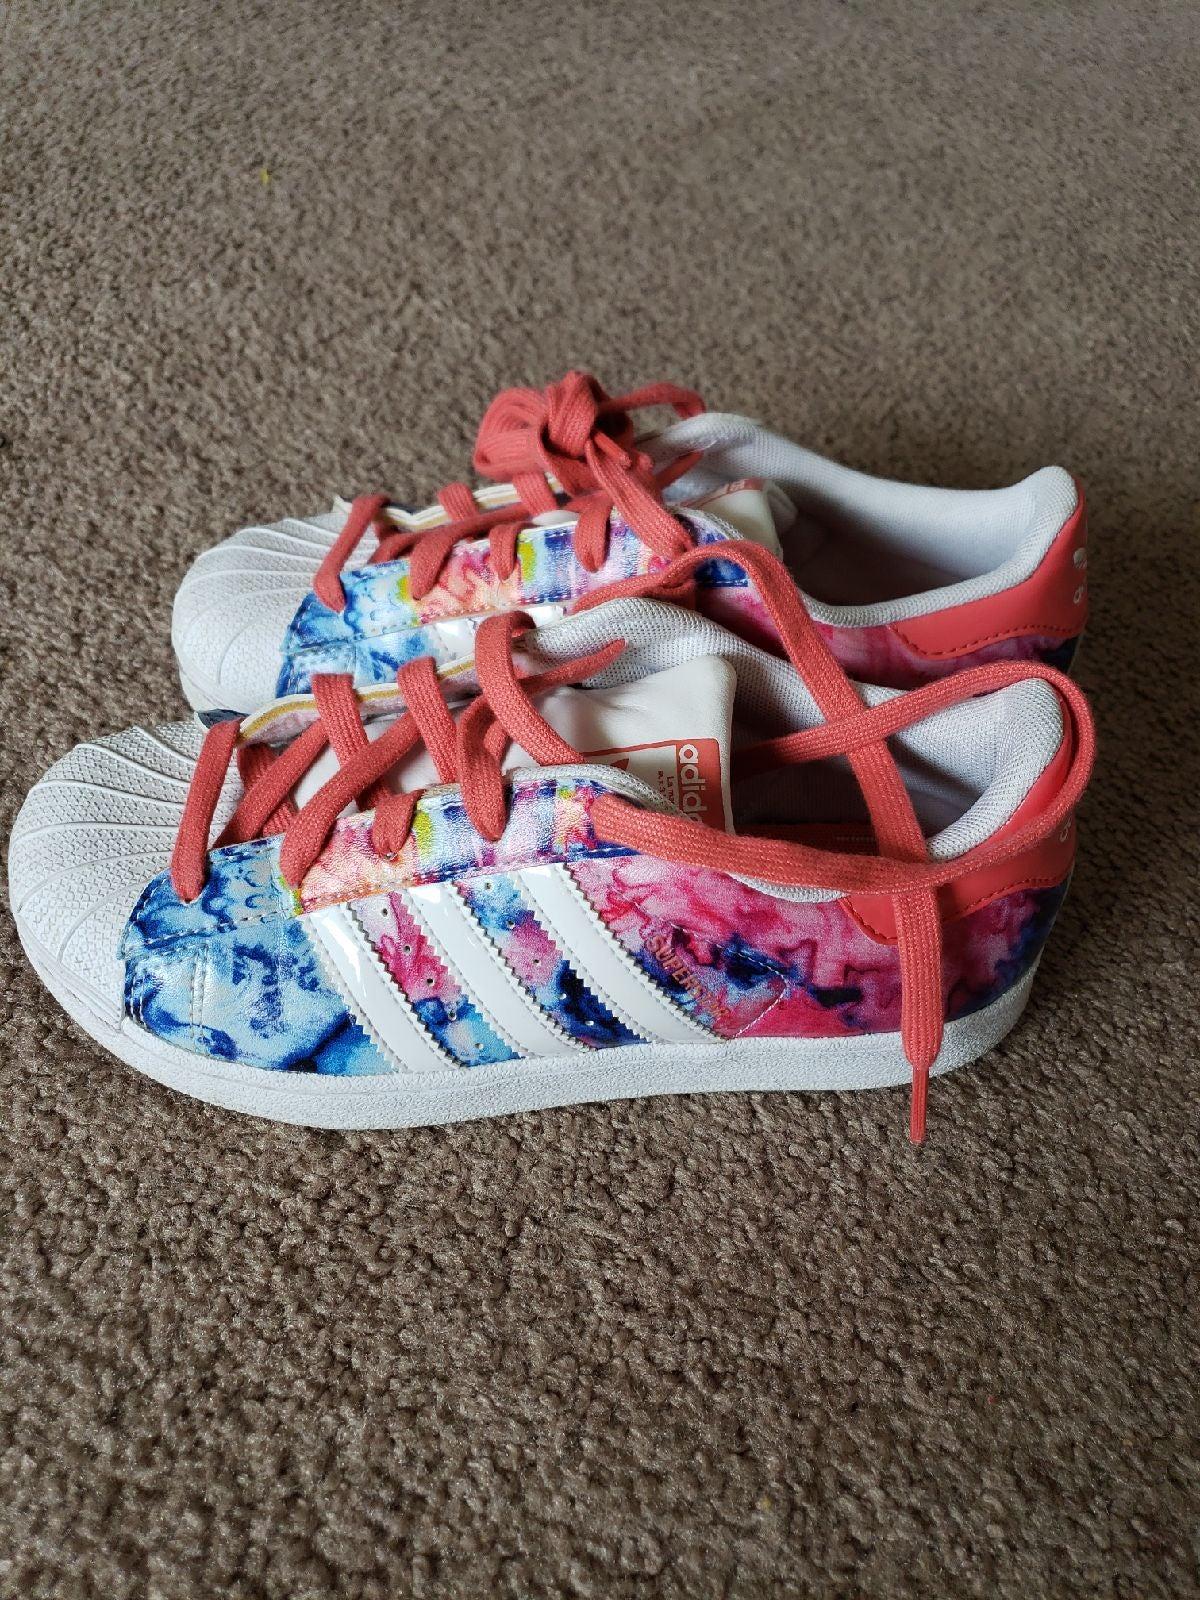 Adidas superstar Rt little kids size 3